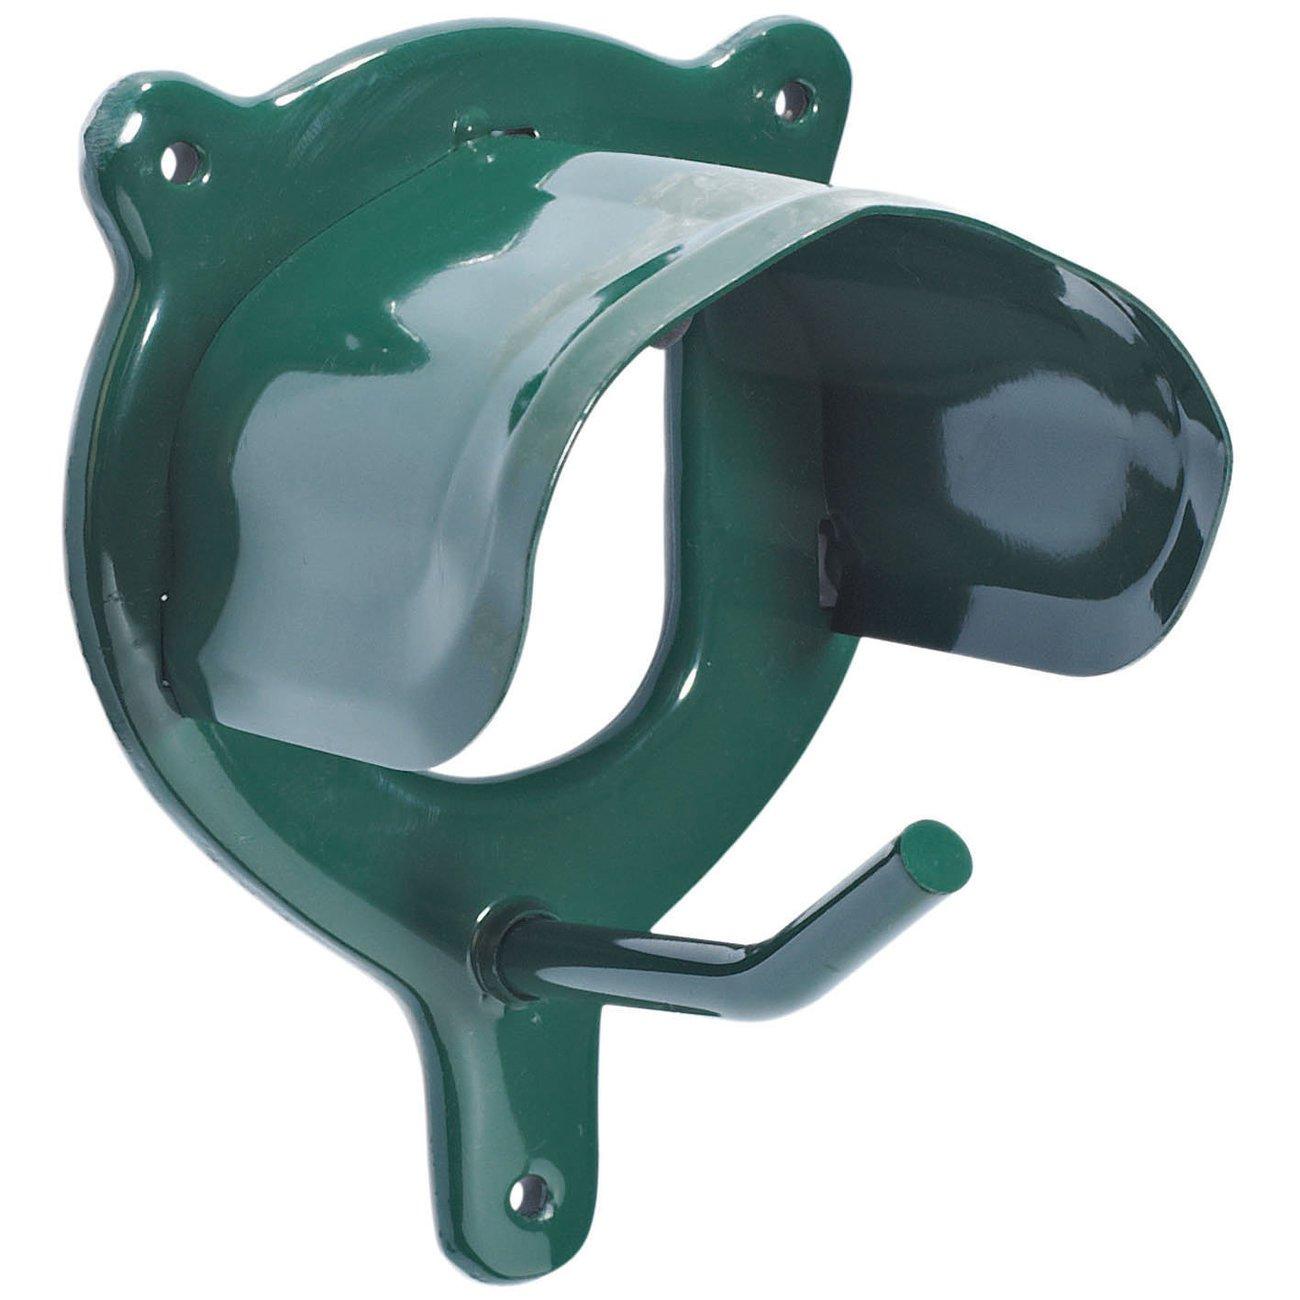 BUSSE Trensenhalter Metall, grün